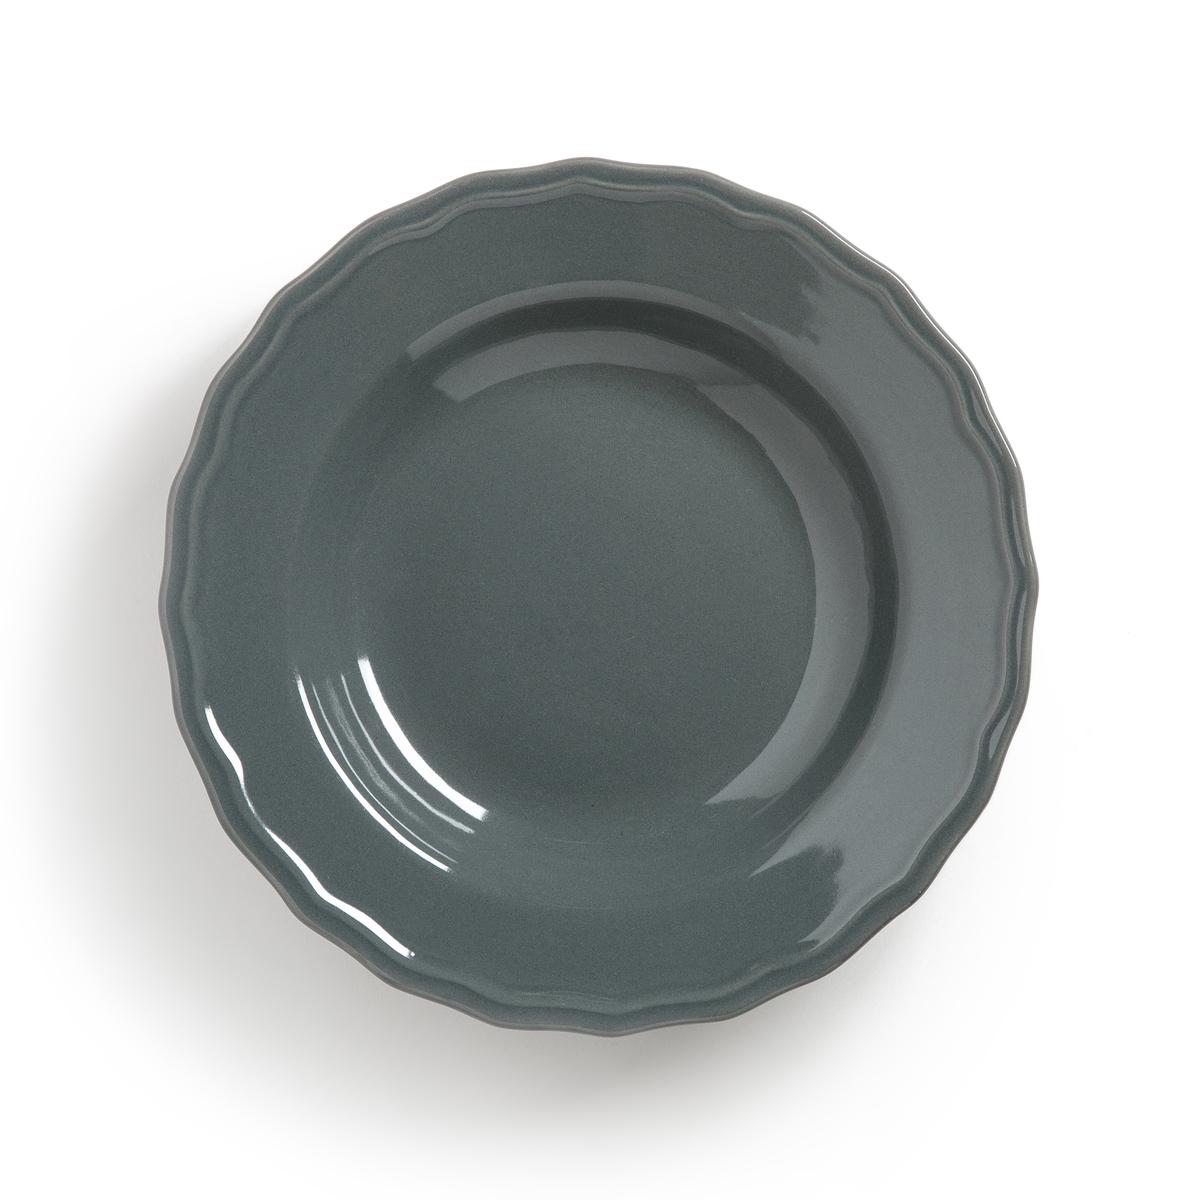 4 тарелки глубокие с отделкой фестоном, Ajila4 тарелки глубокие с отделкой фестоном Ajila . Завтрак, обед или ужин, La Redoute Int?rieurs Вас приглашает к столу.Характеристики 4 тарелок глубоких с отделкой фестоном Ajila  :- Из фаянса, зубчатая кромка.- Диаметр 20,5 см  .- Можно использовать в посудомоечных машинах и микроволновых печах.Плоские, десертные тарелки, чашки, кружки и блюдца Ajila продаются на нашем сайте.<br><br>Цвет: темно-серый